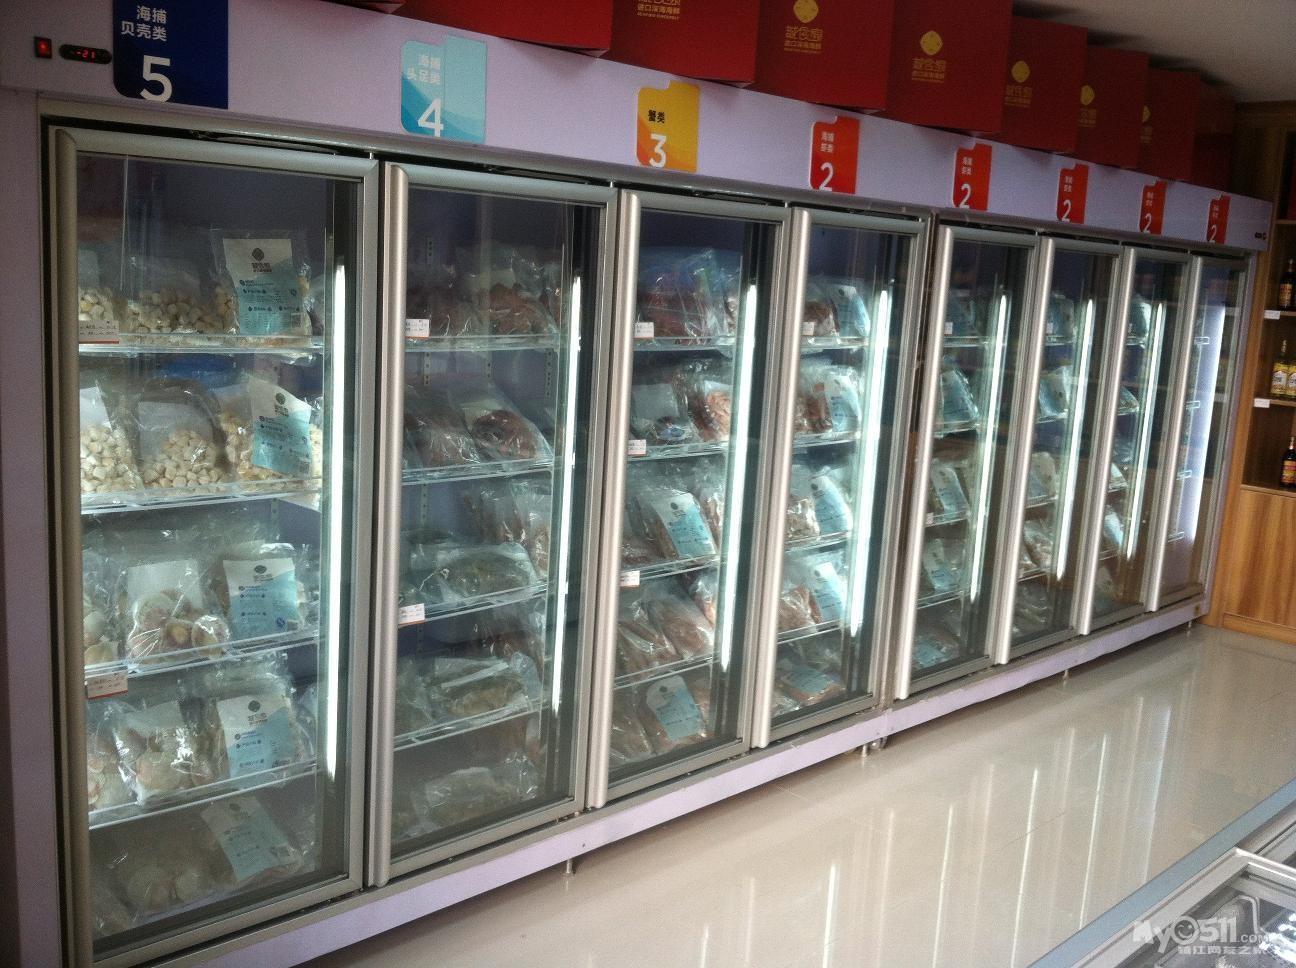 镇江有进口深海海鲜的专卖店啦